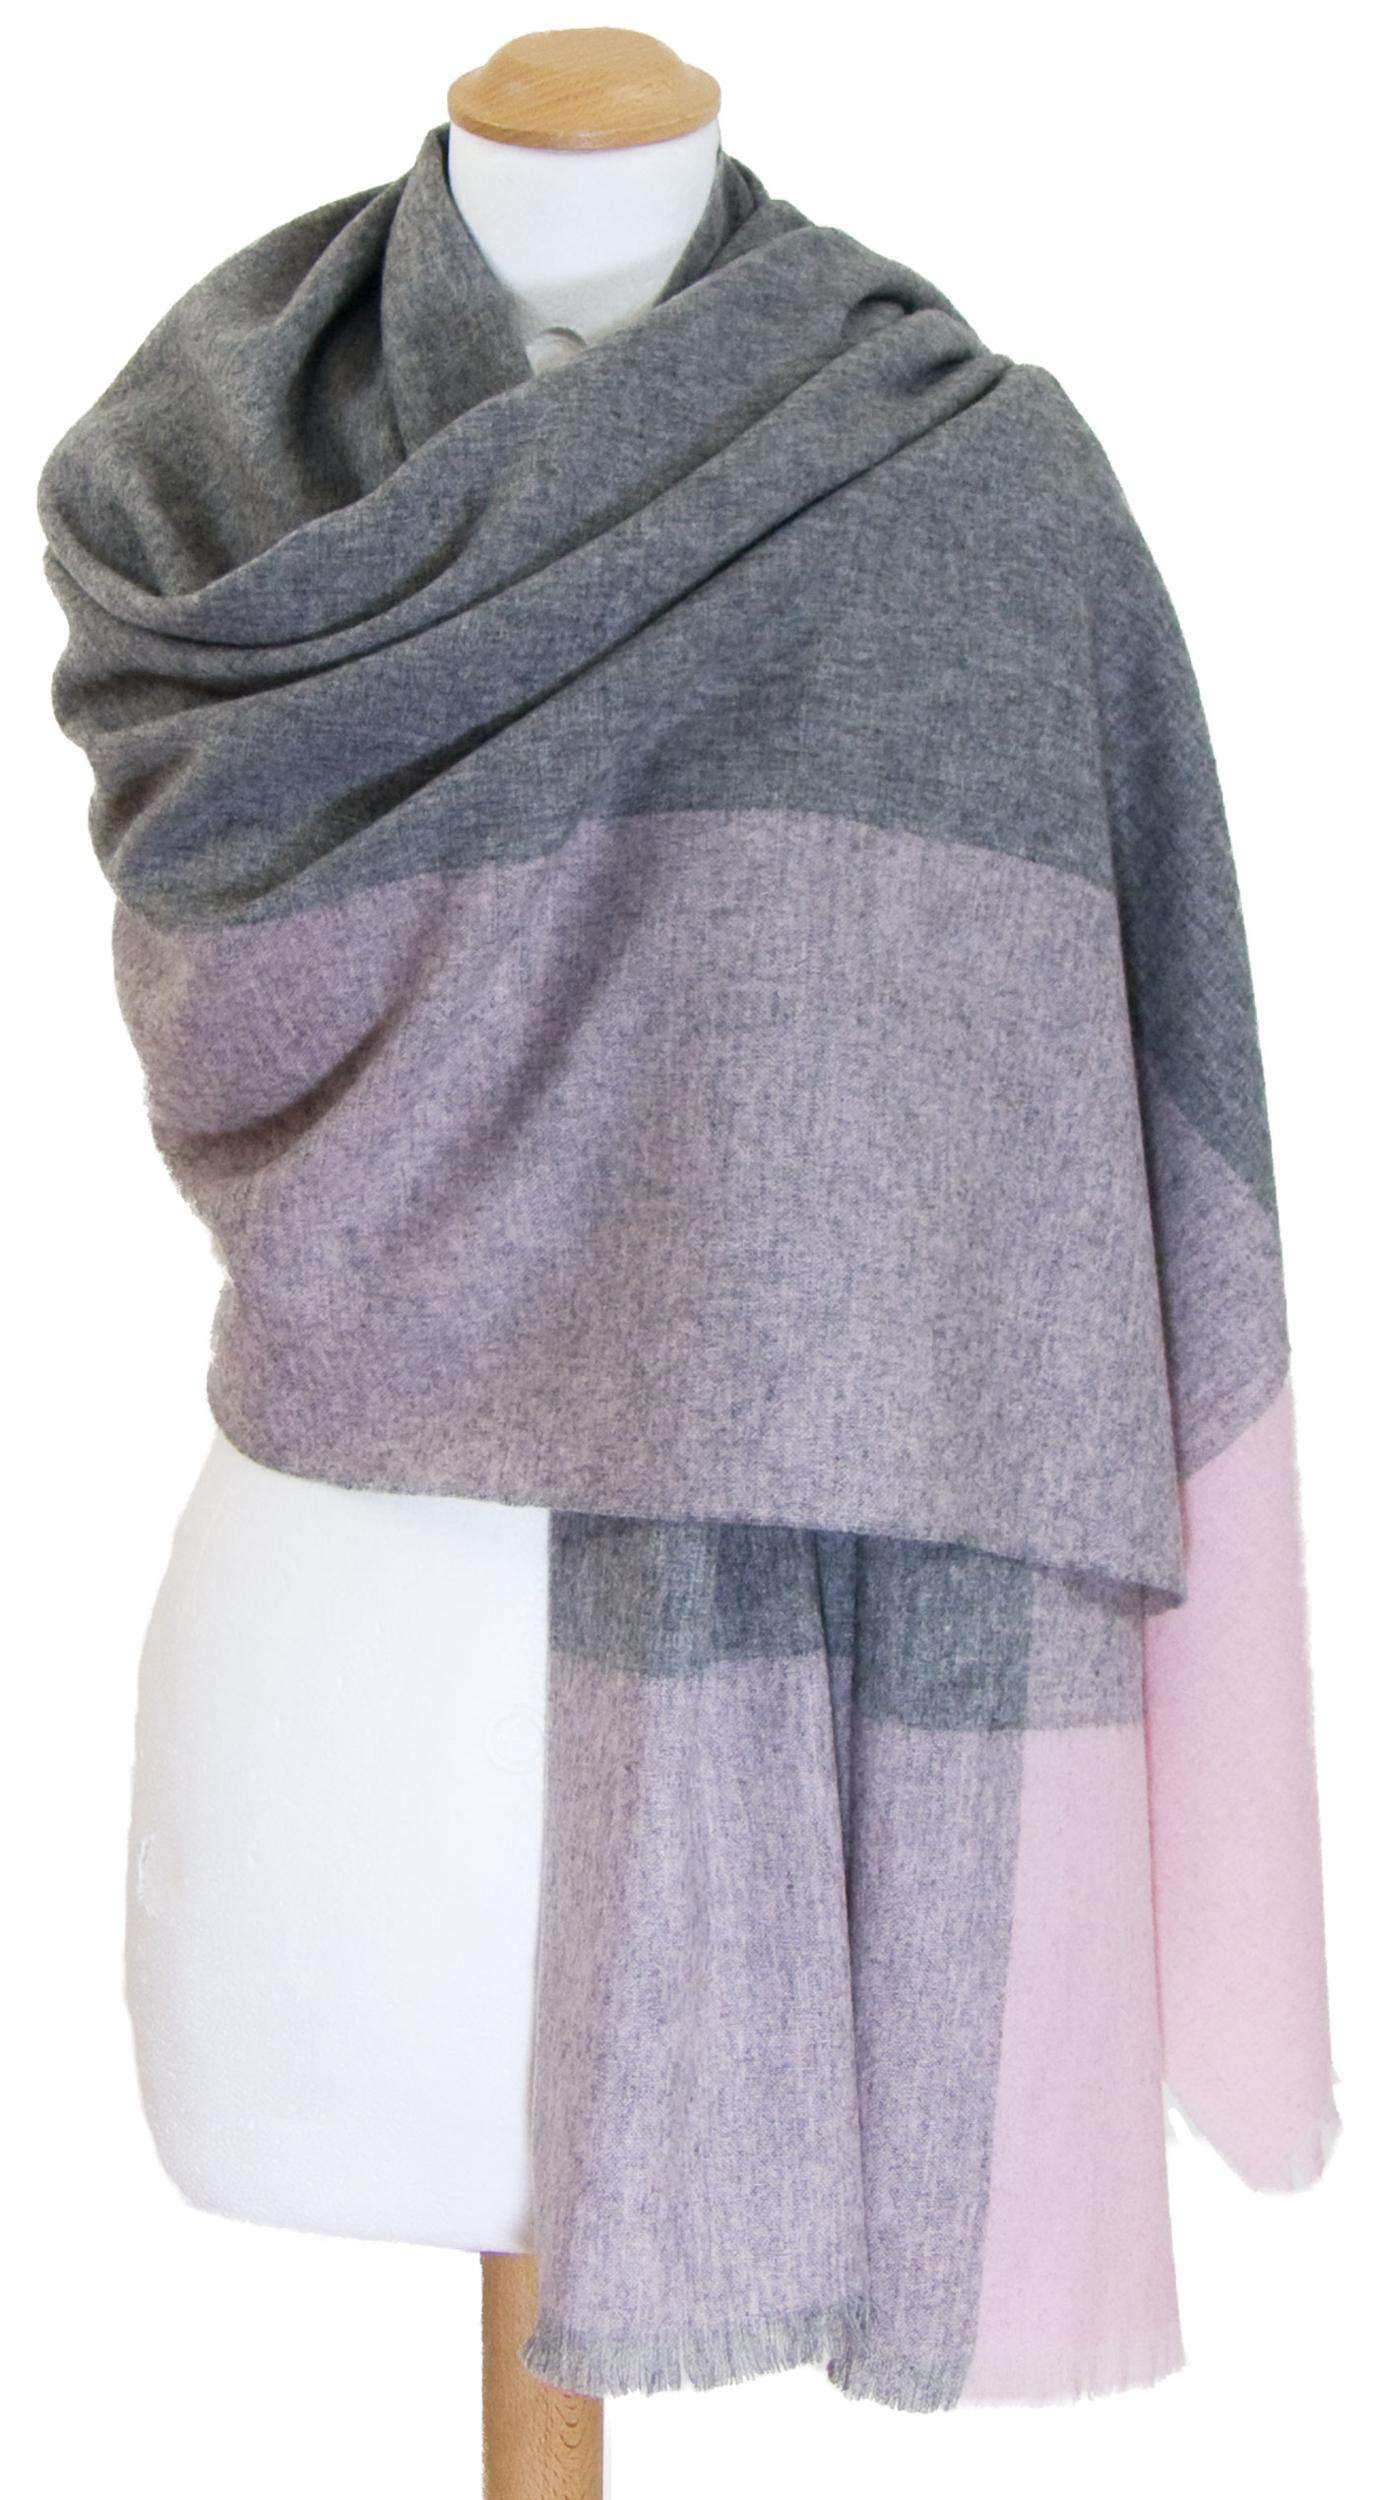 Etole rose cachemire laine carreaux Célia